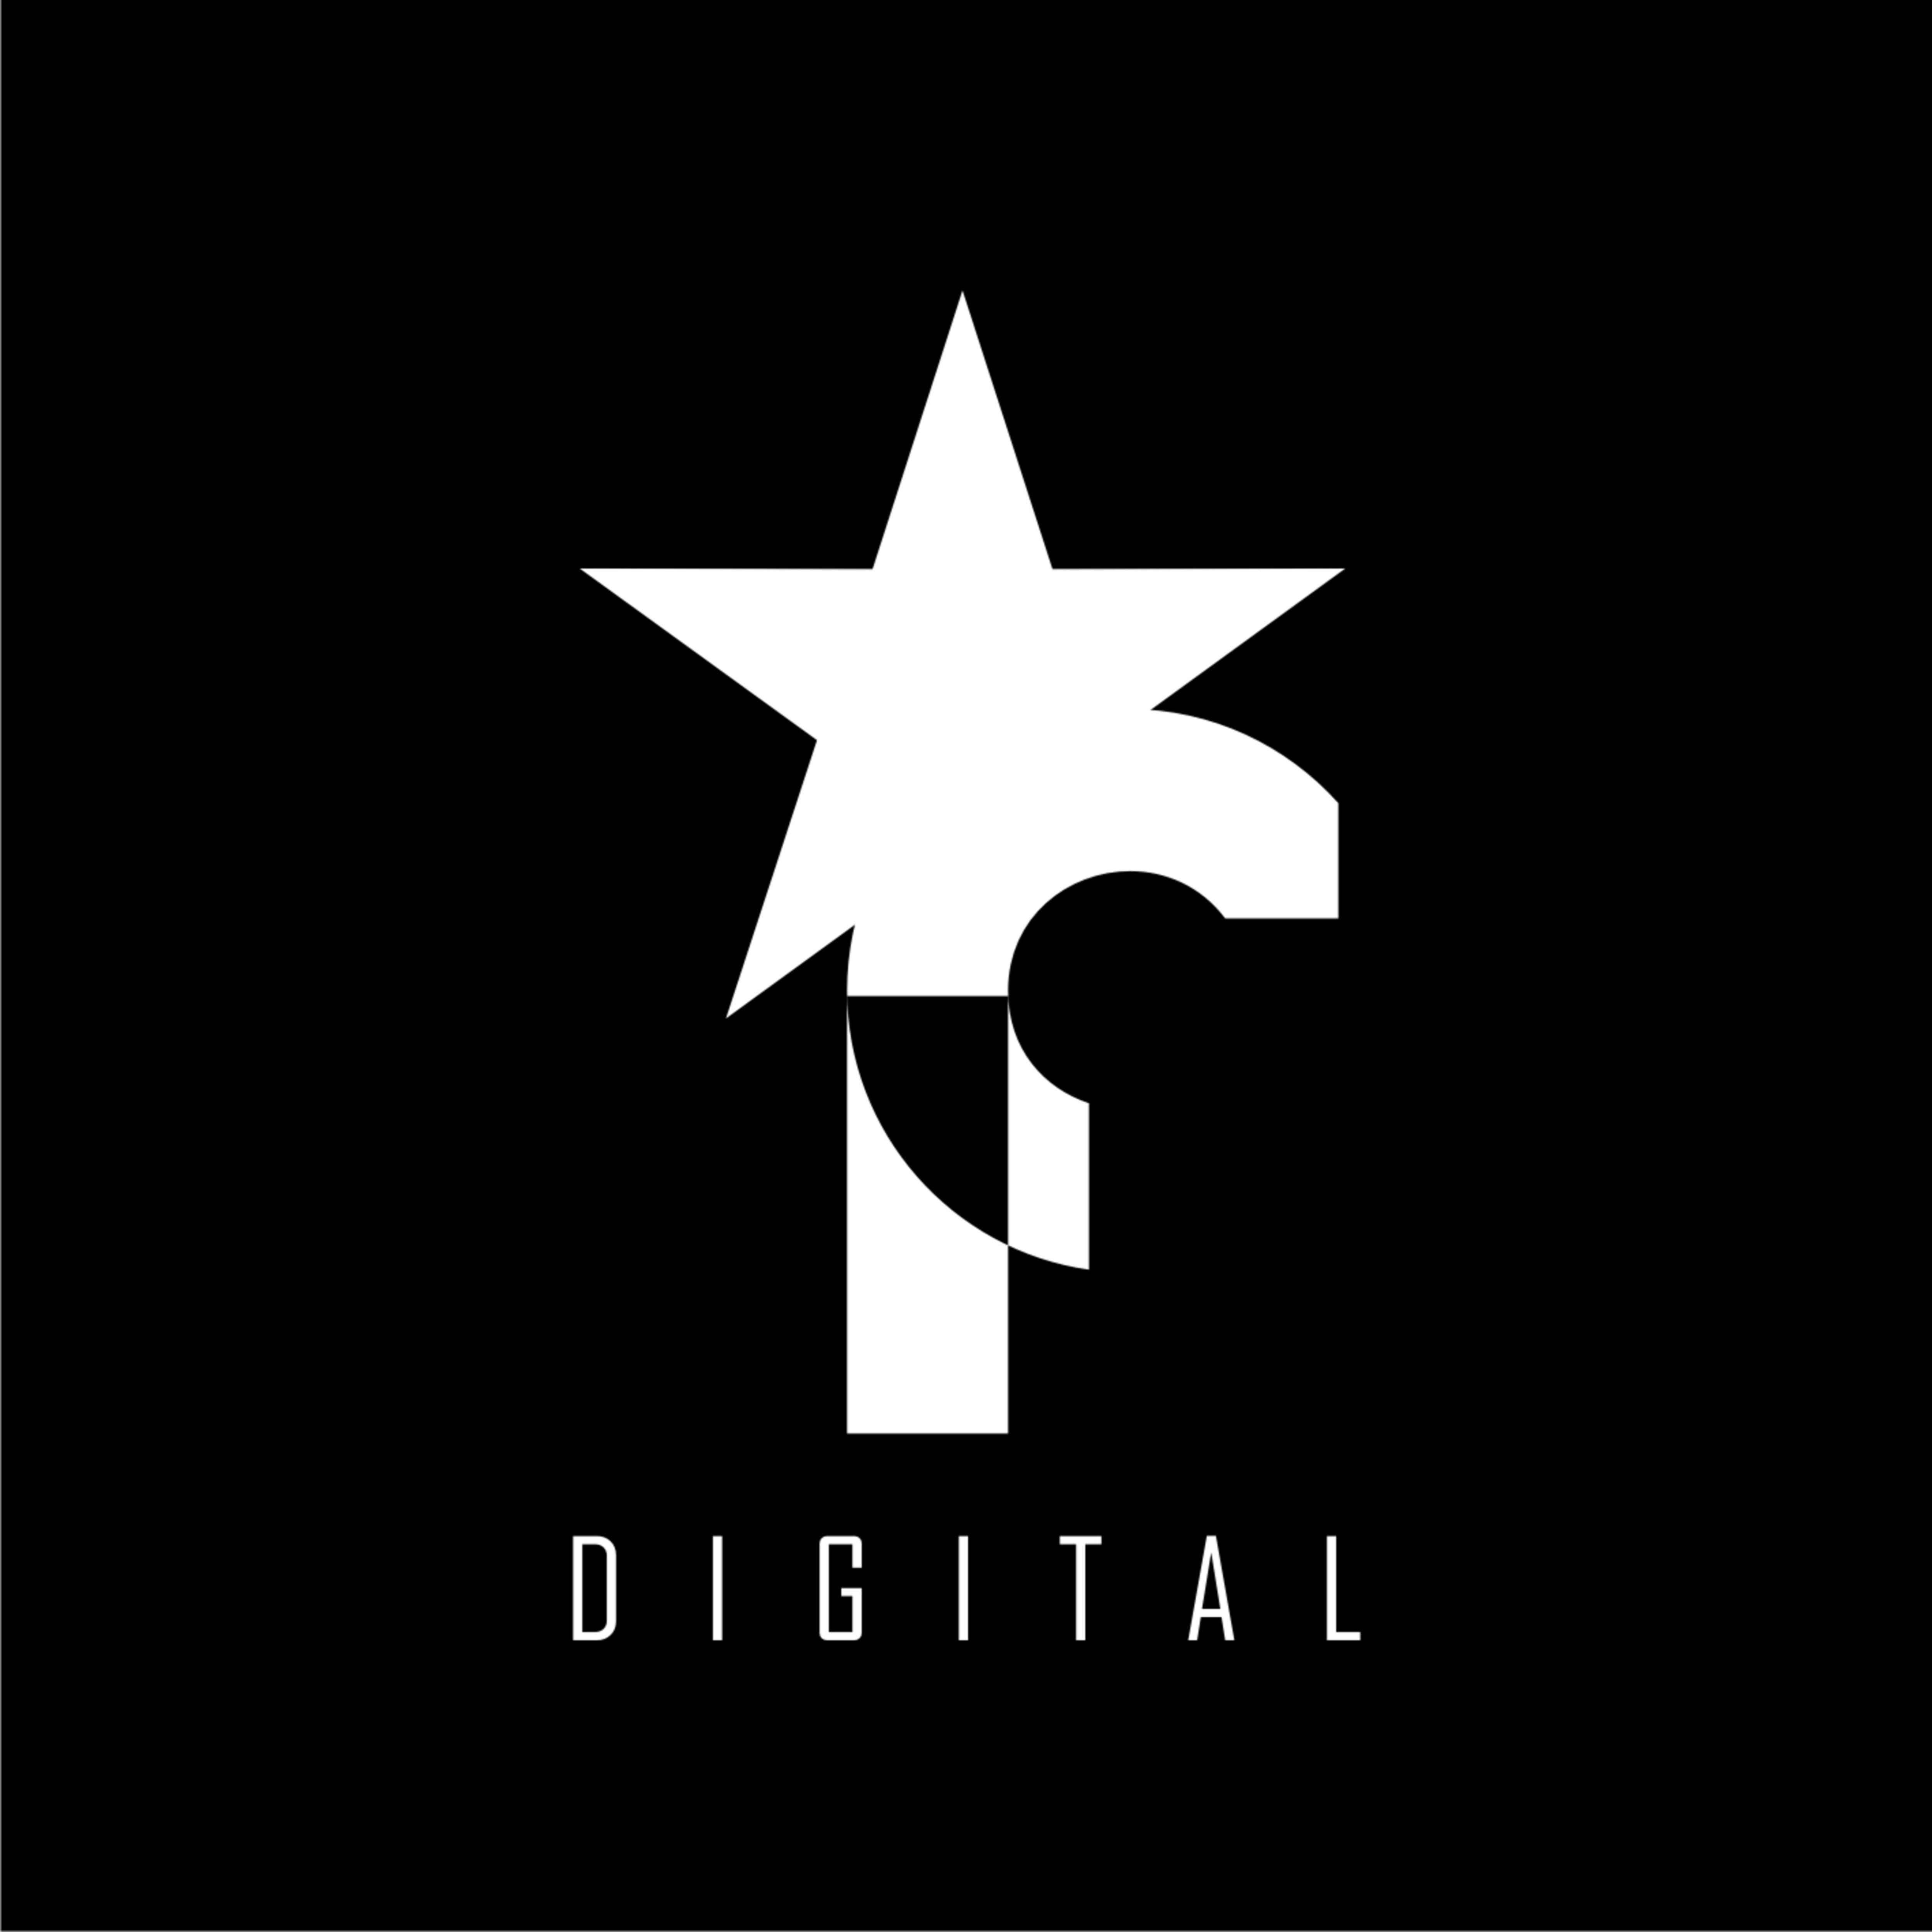 Fivestardigital